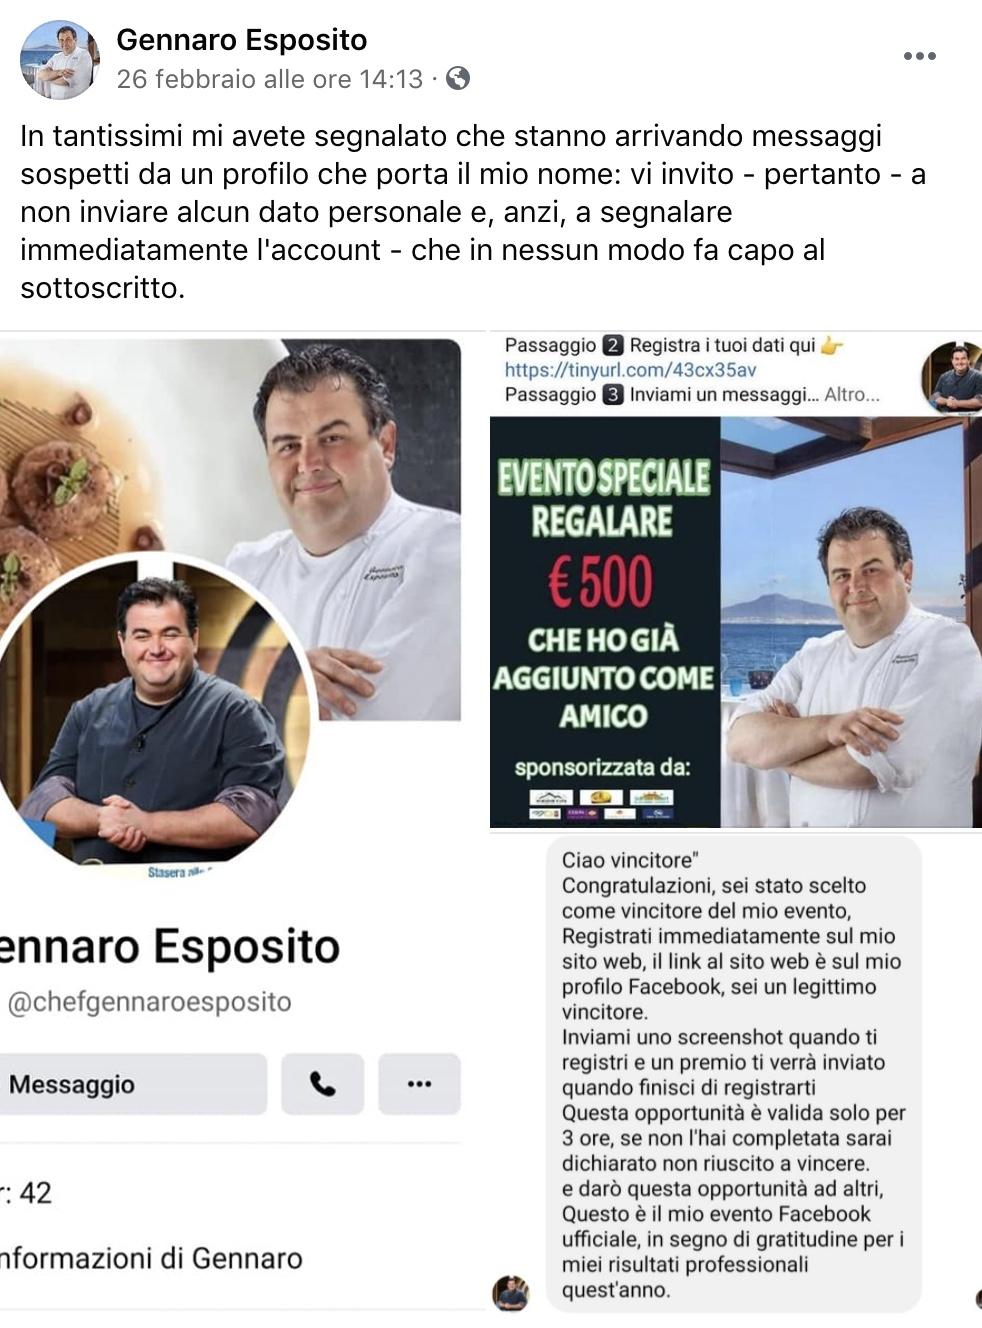 Chef Gennaro Esposito